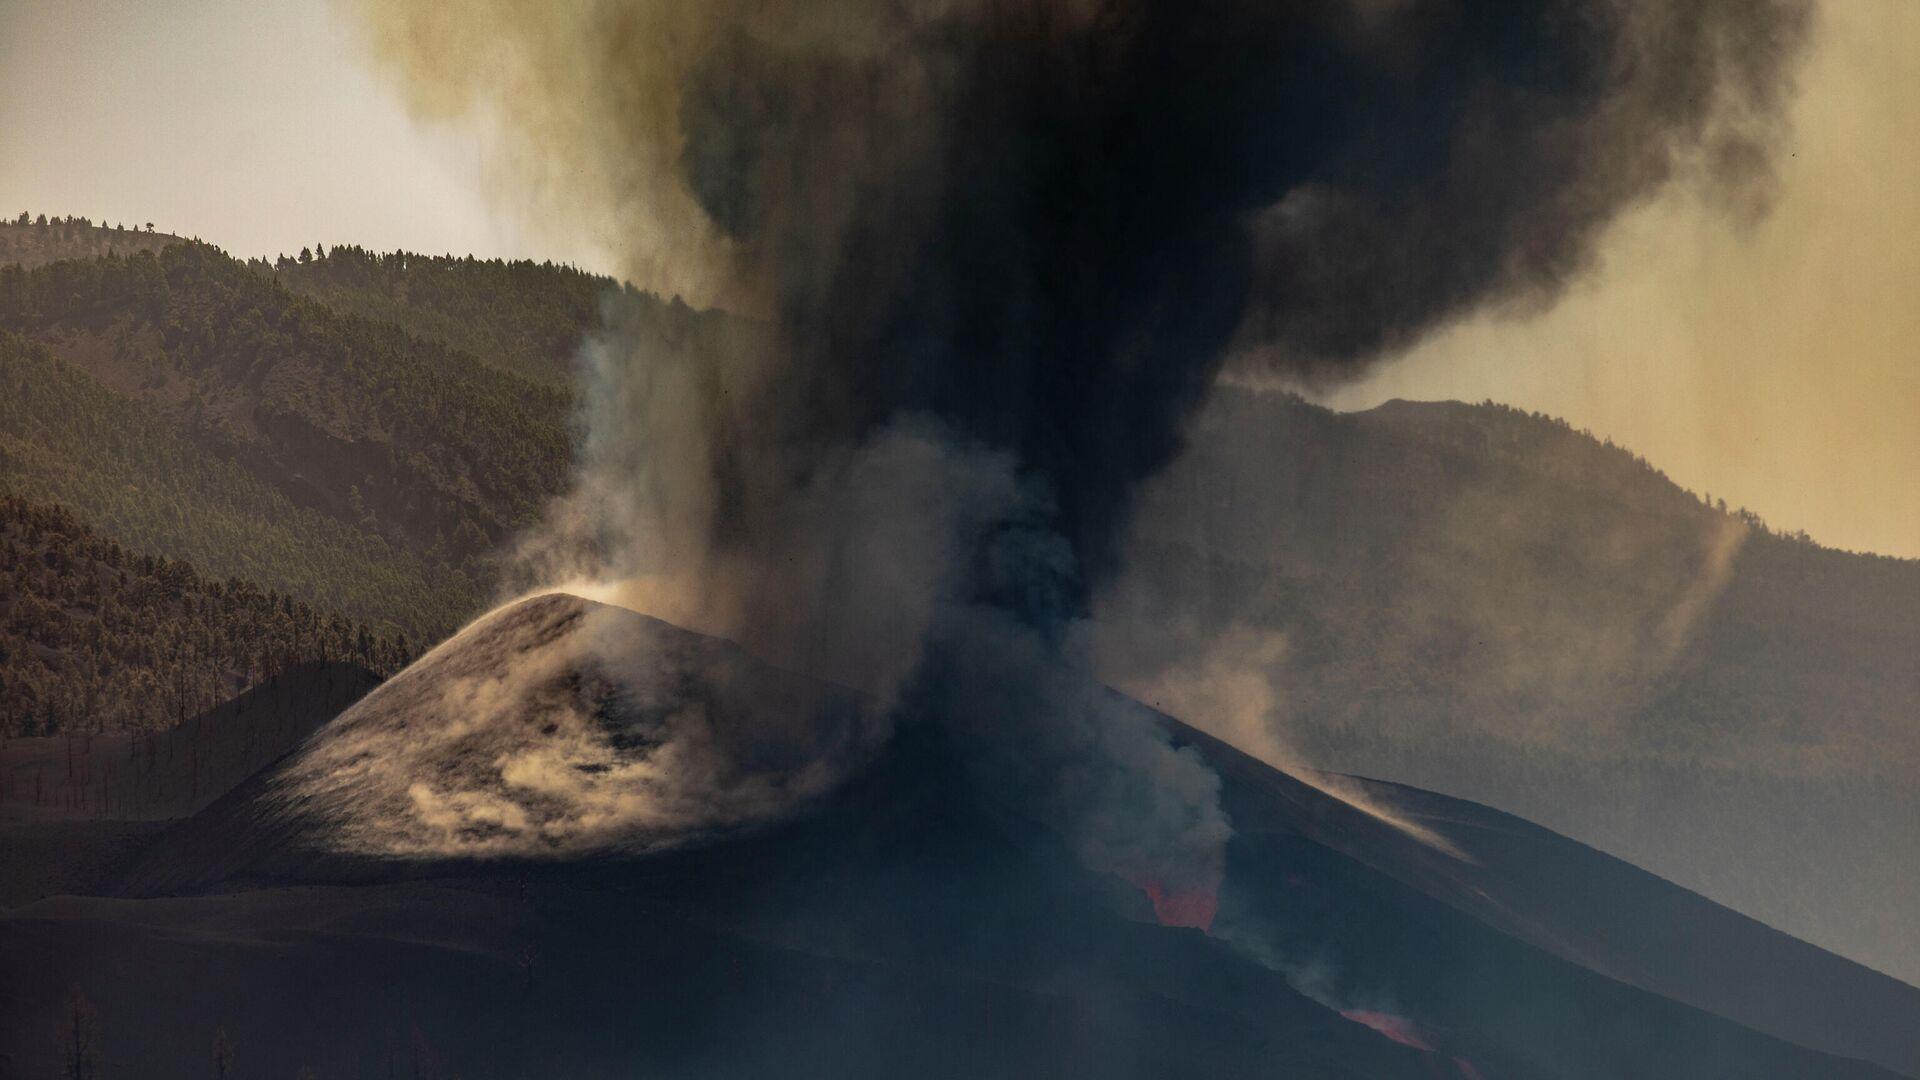 Columna de humo procedente del volcán de Cumbre Vieja (La Palma) - Sputnik Mundo, 1920, 04.10.2021